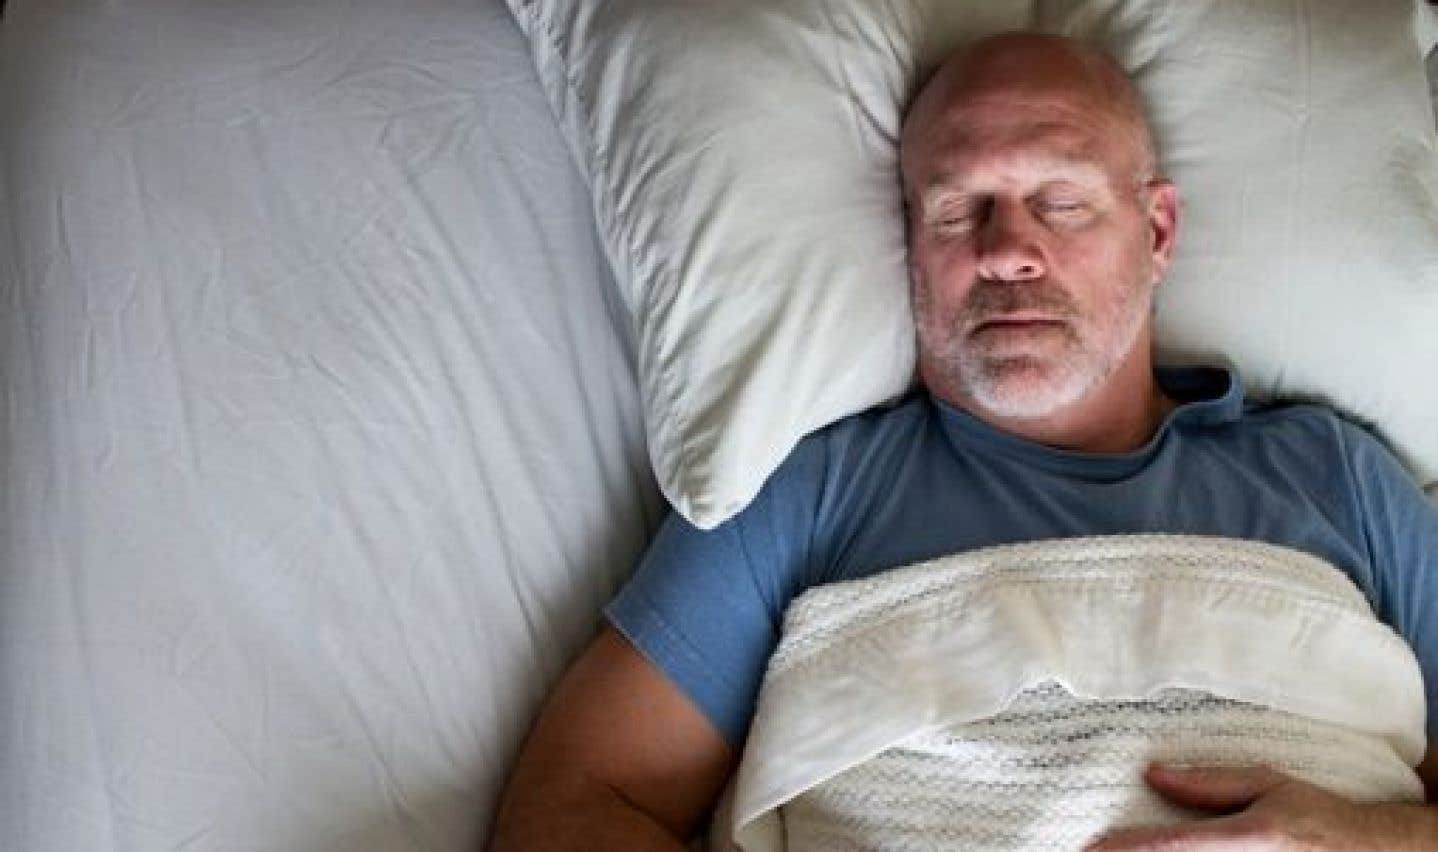 Le manque de sommeil ferait augmenter le tour de taille